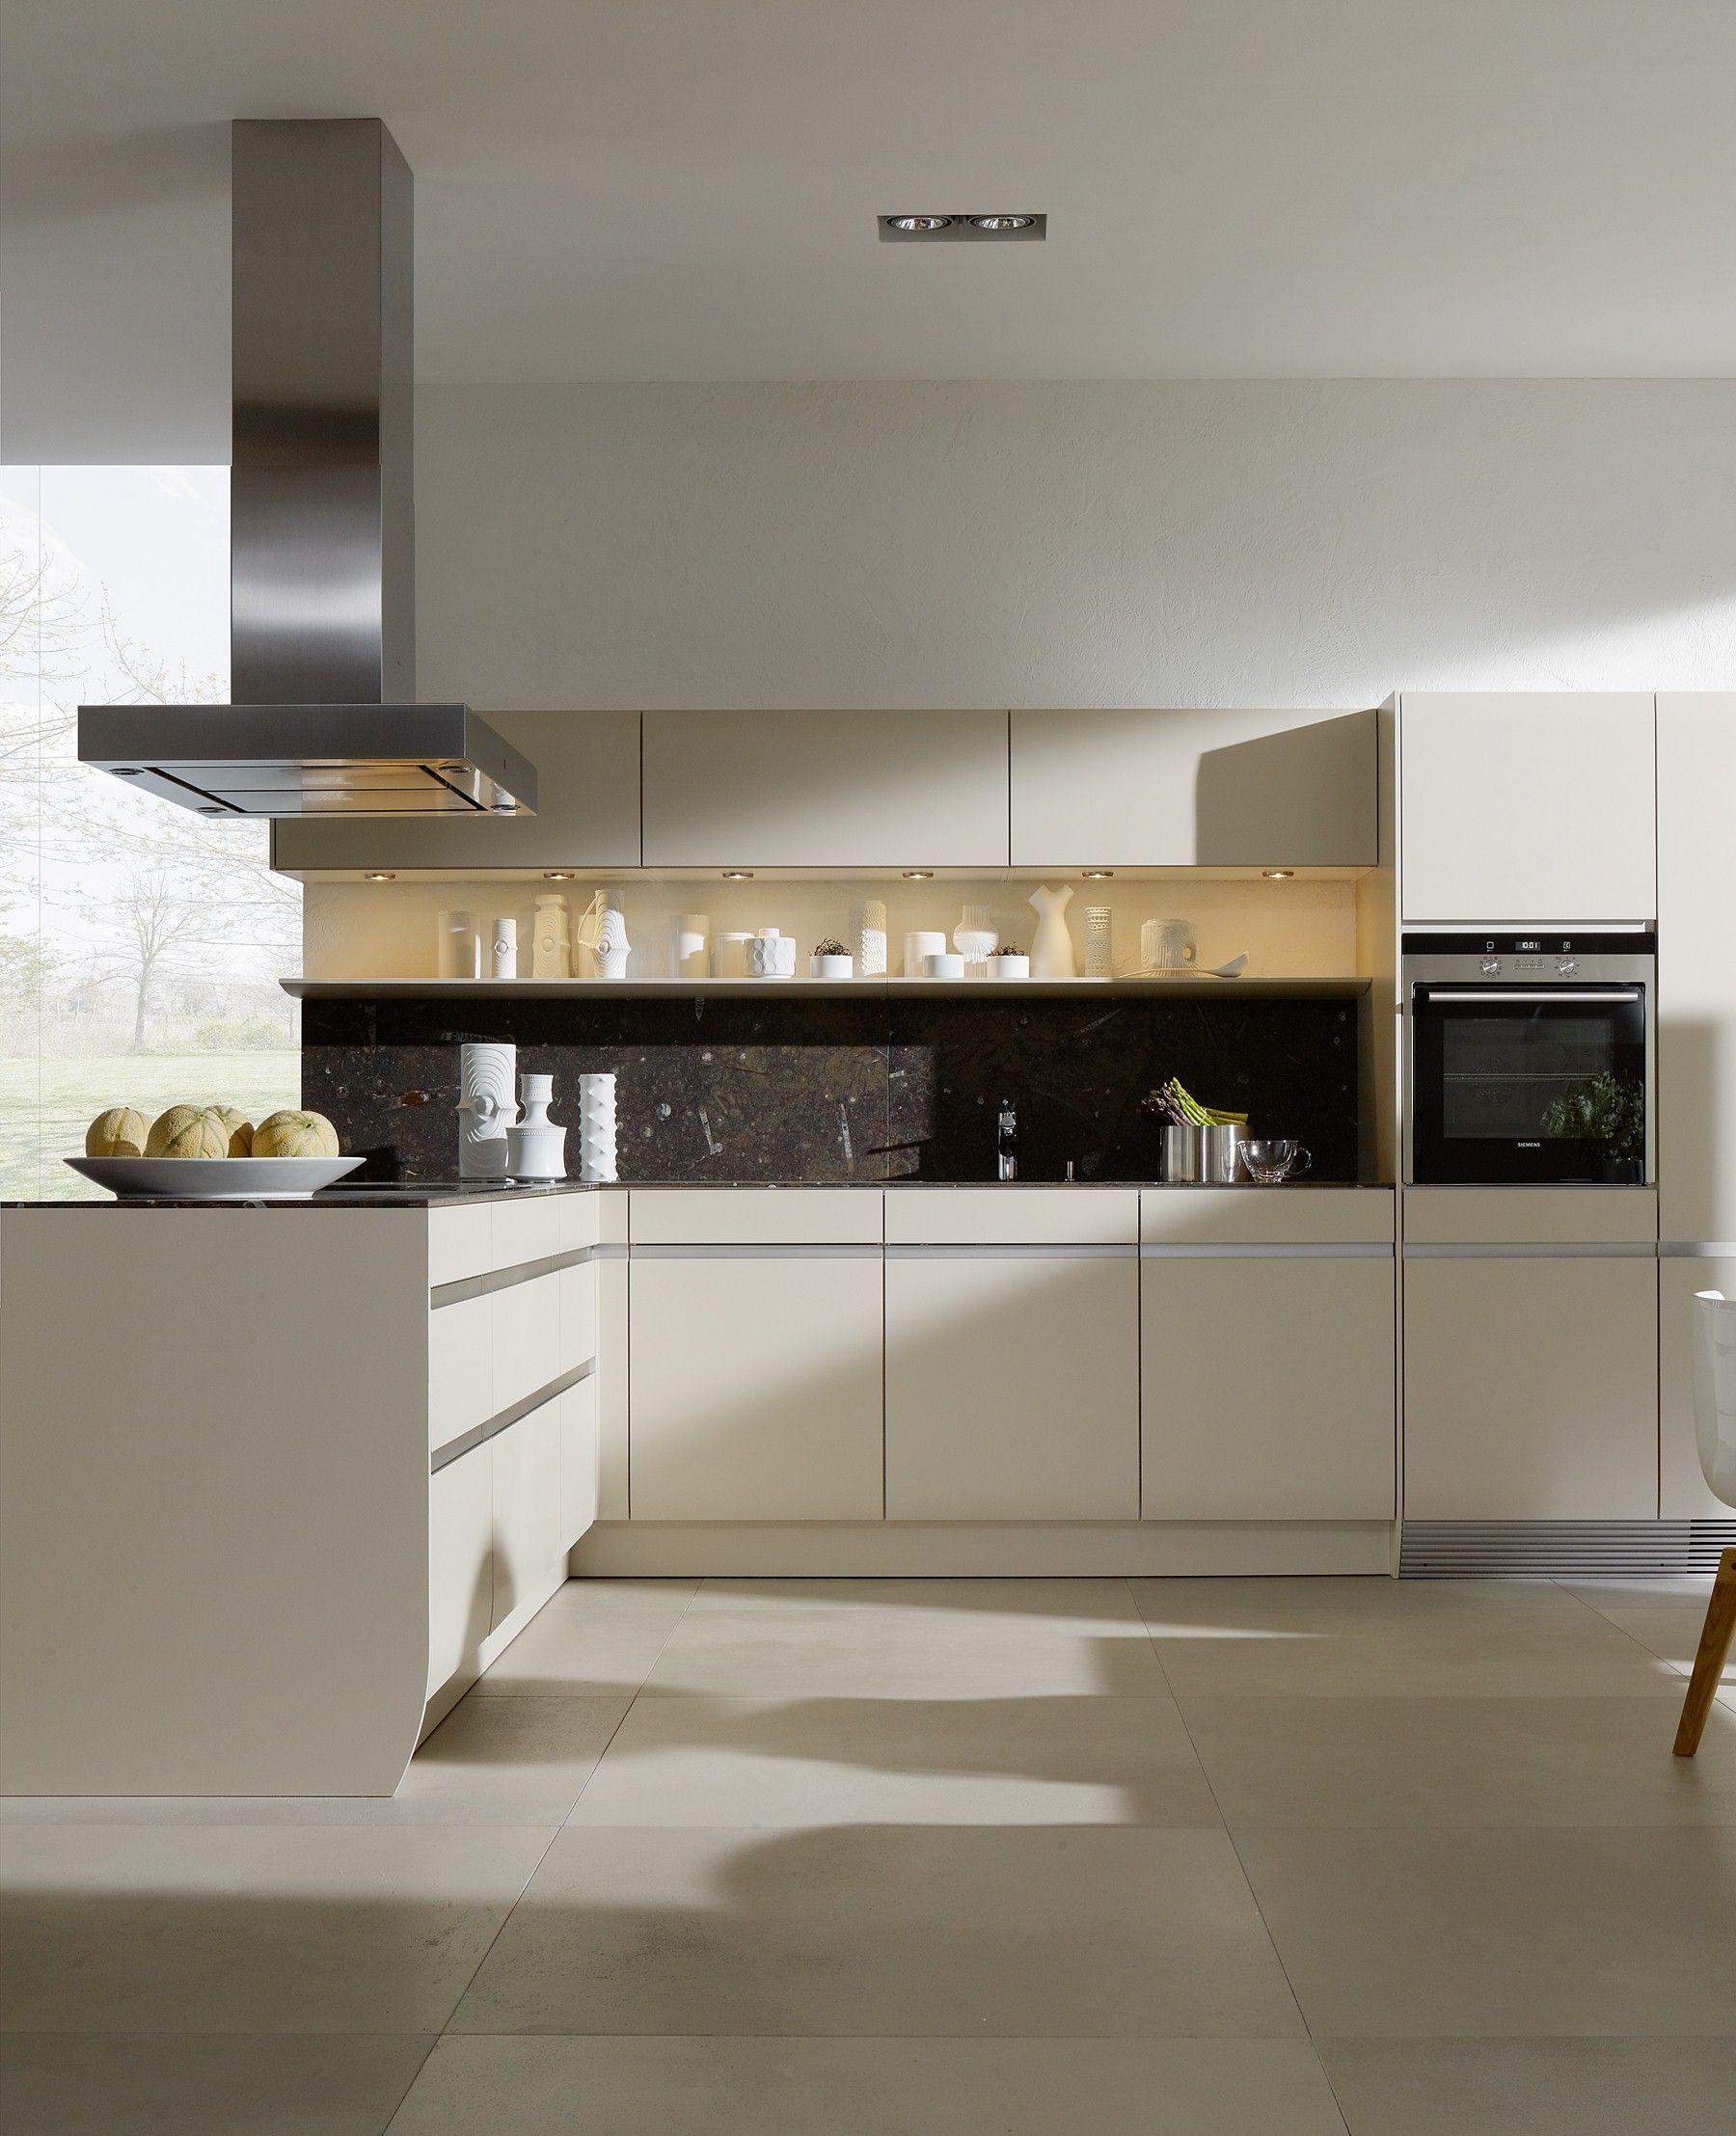 Kuche Anmutig Kuche Siematic Design Nemerkenswert Kuche Siematic